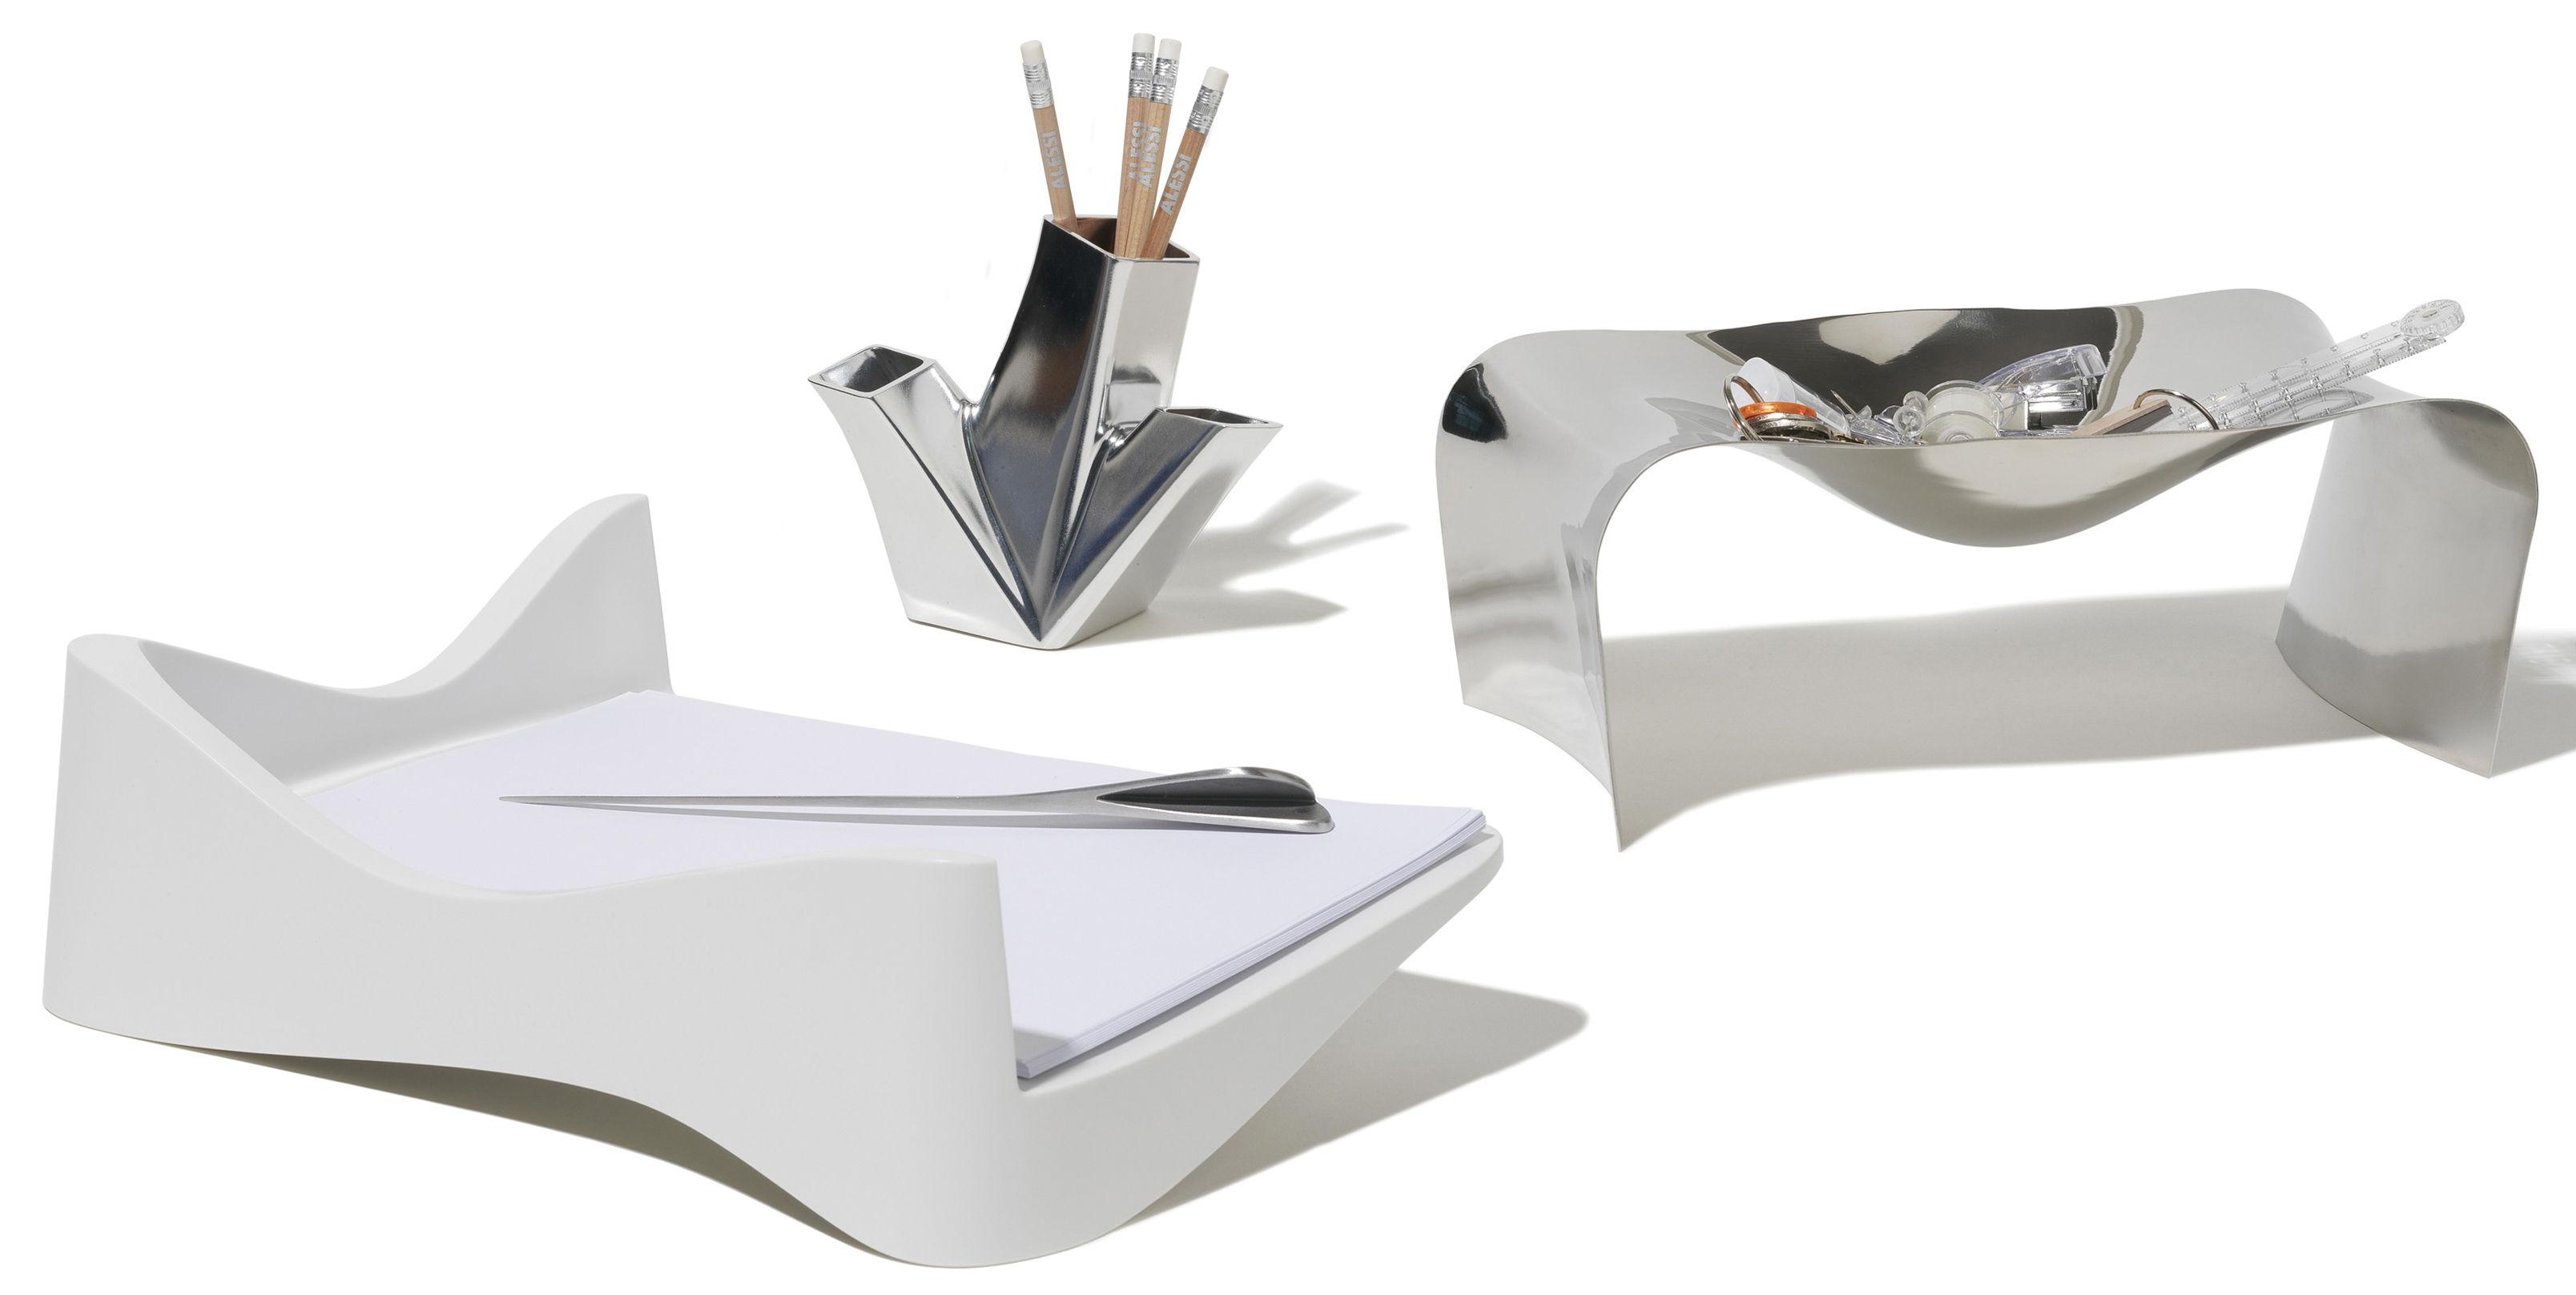 scopri svuotatasche scup acciaio di alessi made in design italia. Black Bedroom Furniture Sets. Home Design Ideas